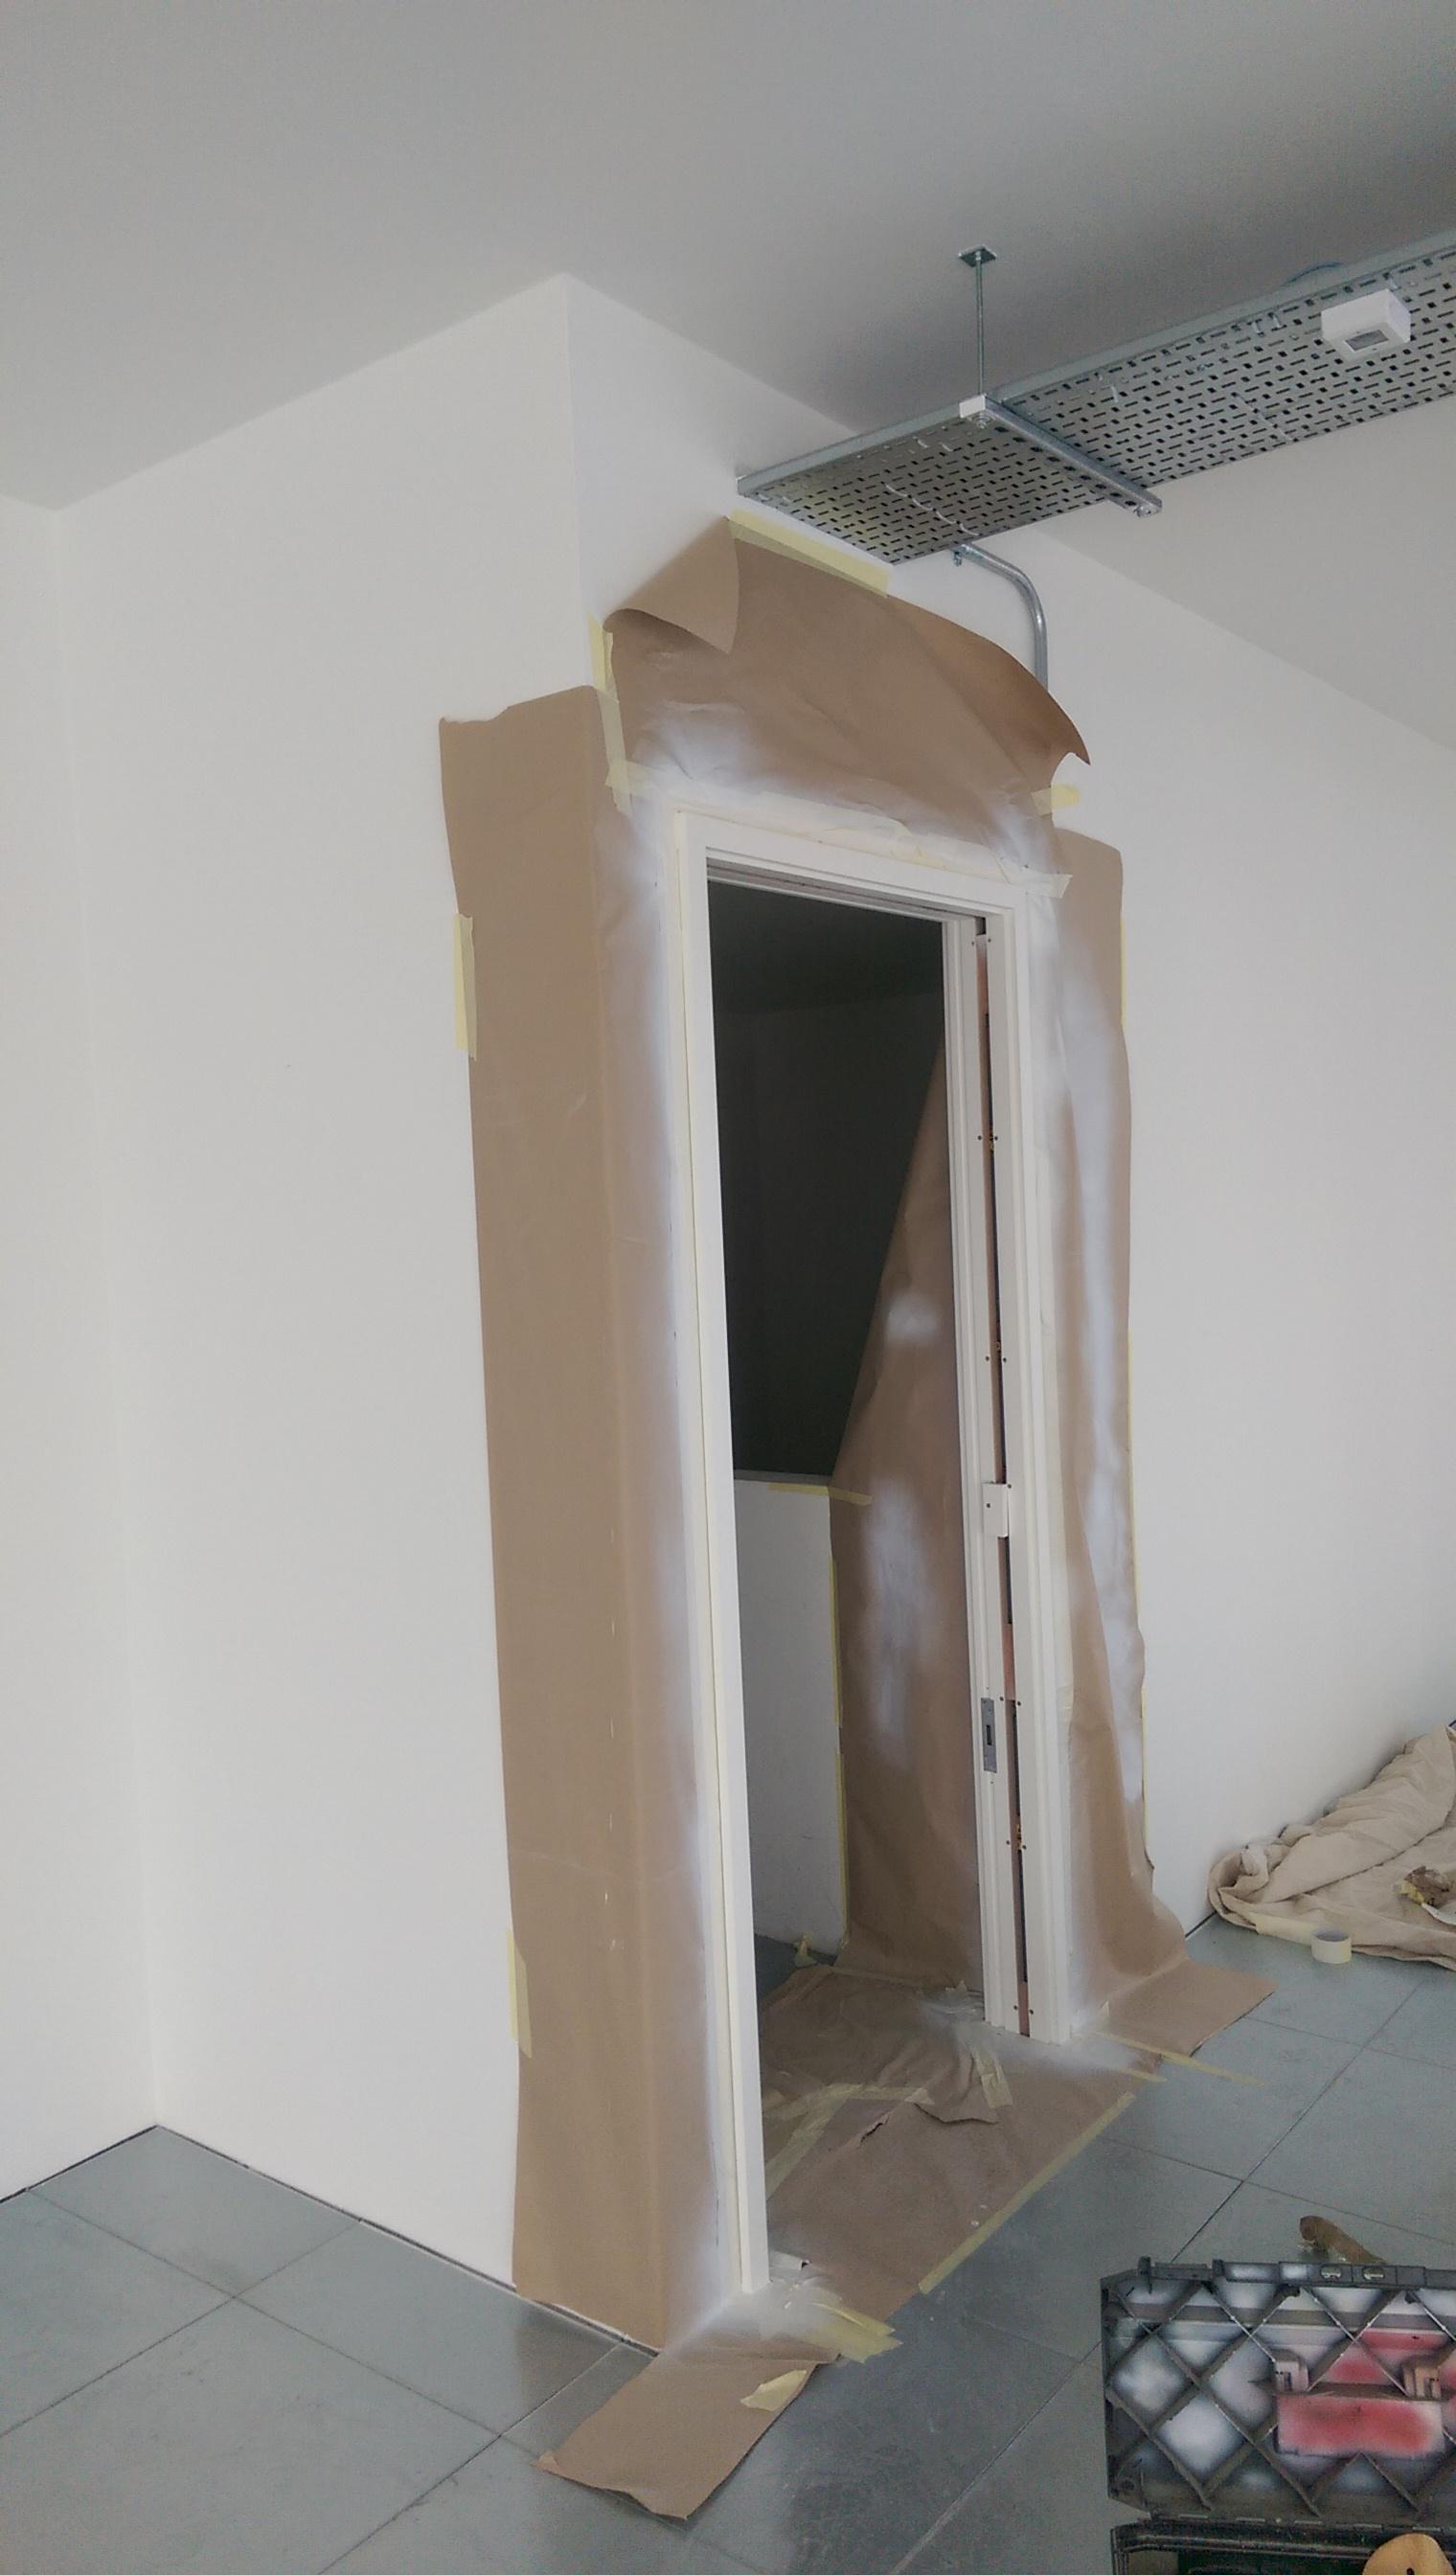 IMAG0549 IMAG0550 IMAG0551 & Paint powder coated door frames - Royal Repair